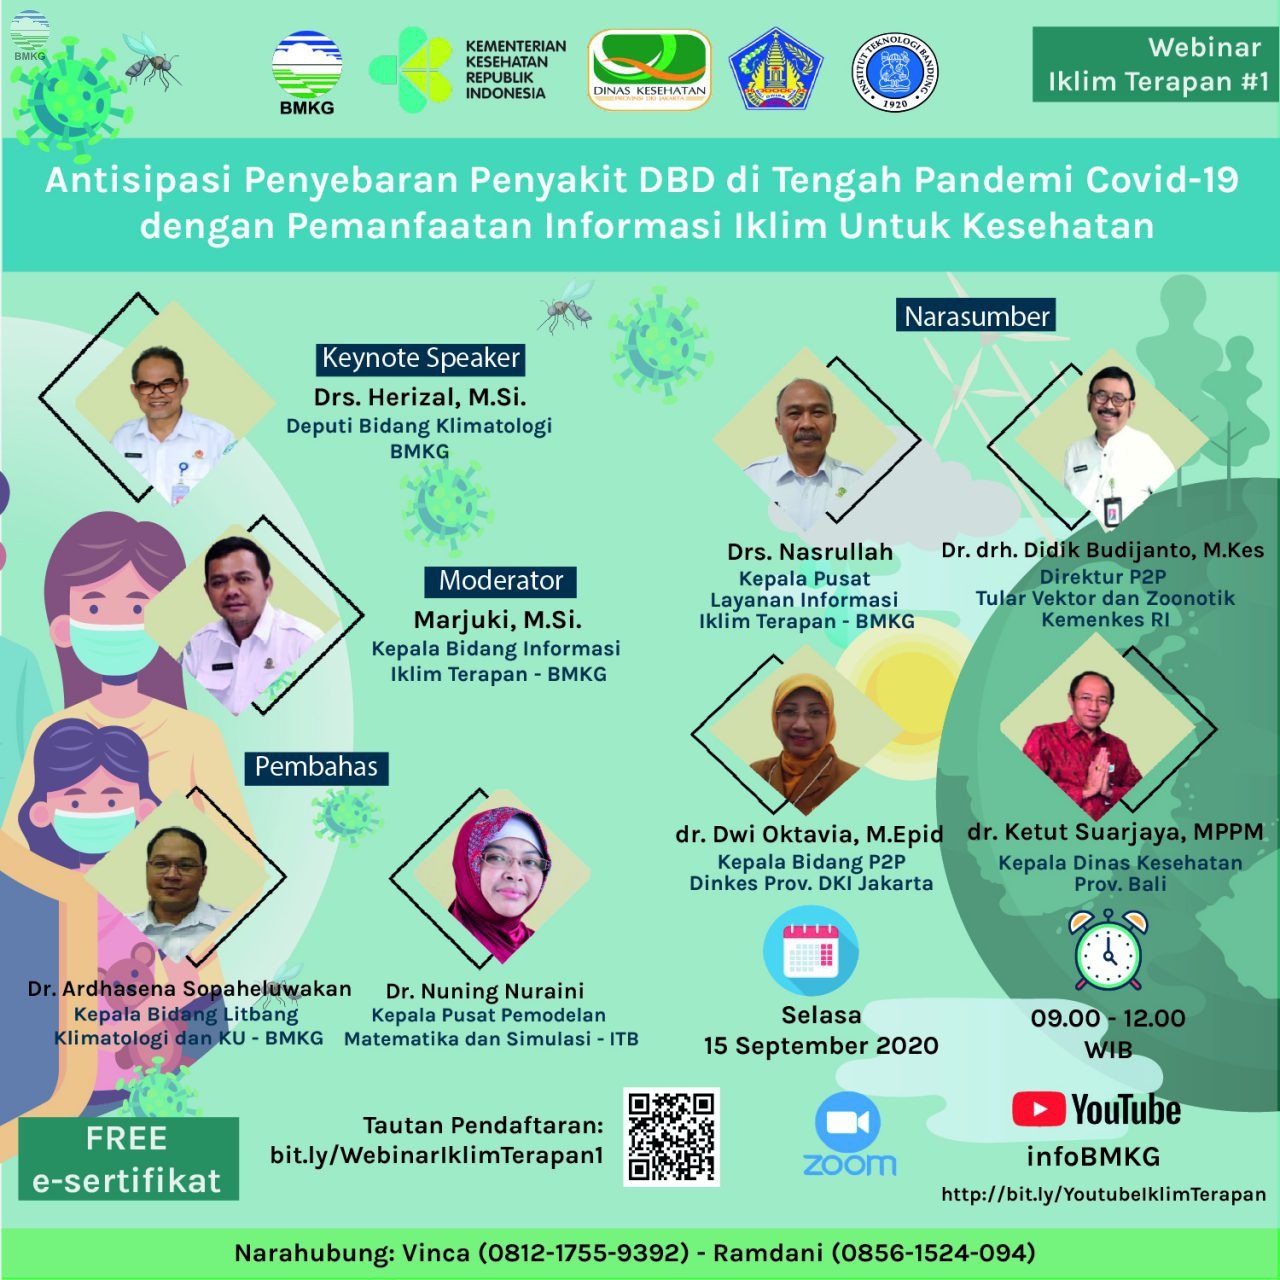 """BMKG Gelar Webinar """"Antisipasi Penyebaran Penyakit DBD di Tengah Pandemi Covid-19 dengan Pemanfaatan Informasi Iklim untuk Kesehatan"""""""